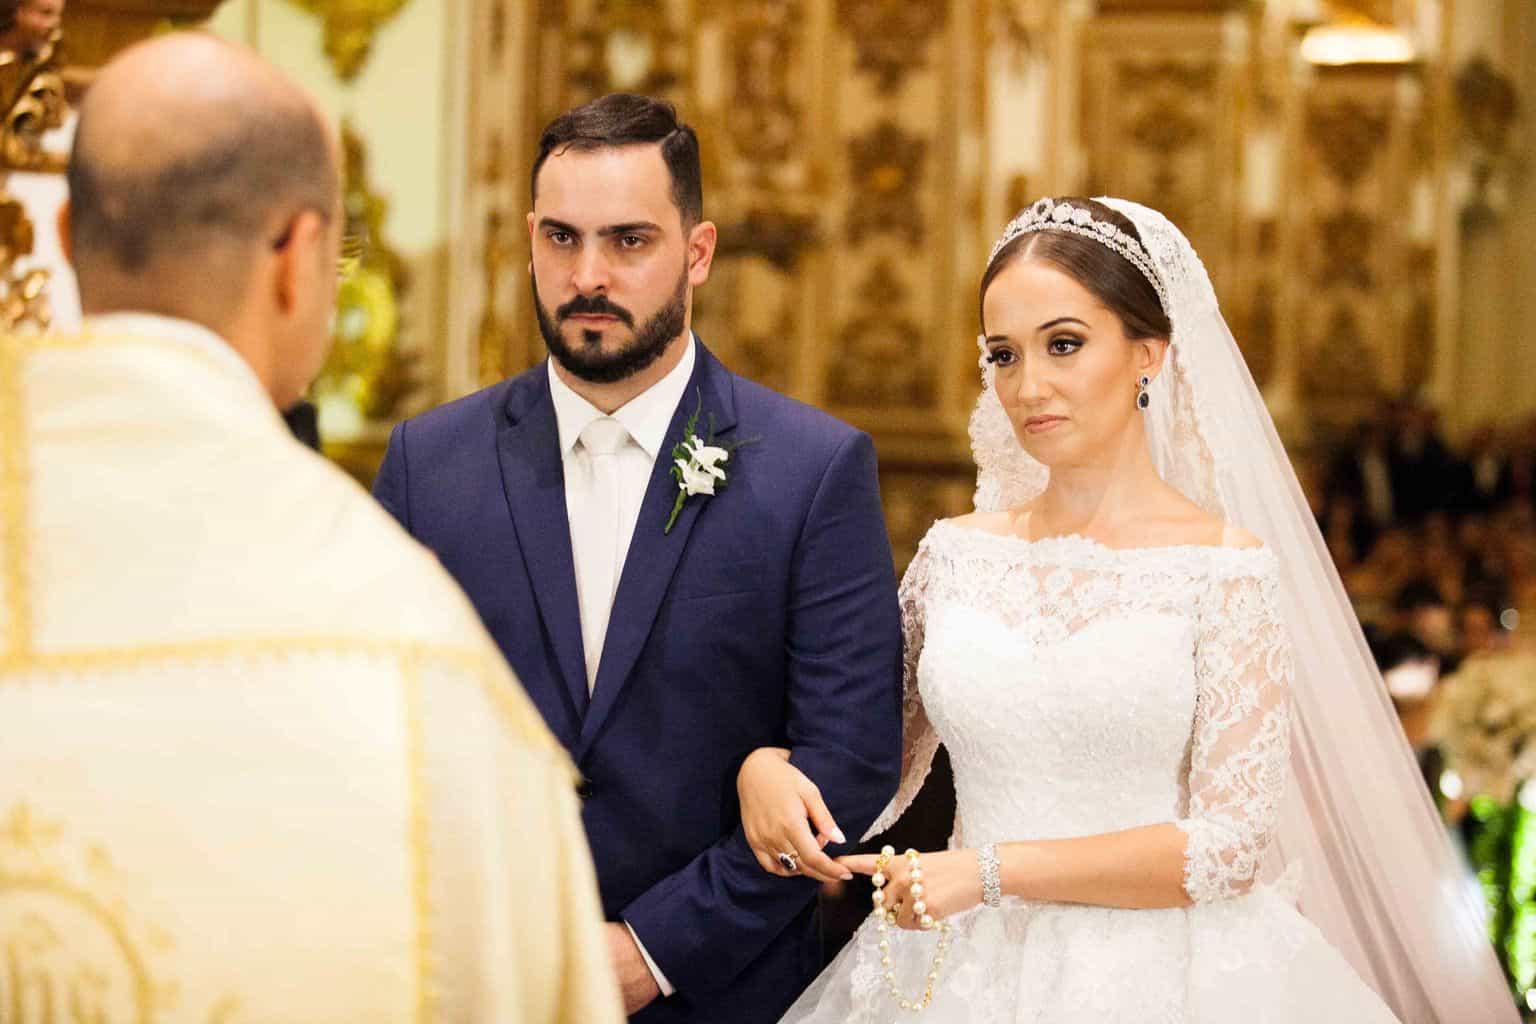 Casamento-Clássico-Casamento-tradicional-Cerimônia-Copacabana-Palace-Monica-Roias-Ribas-Foto-e-Vídeo-Ricardo-Almeida-Tuanny-e-Bernardo-CaseMe